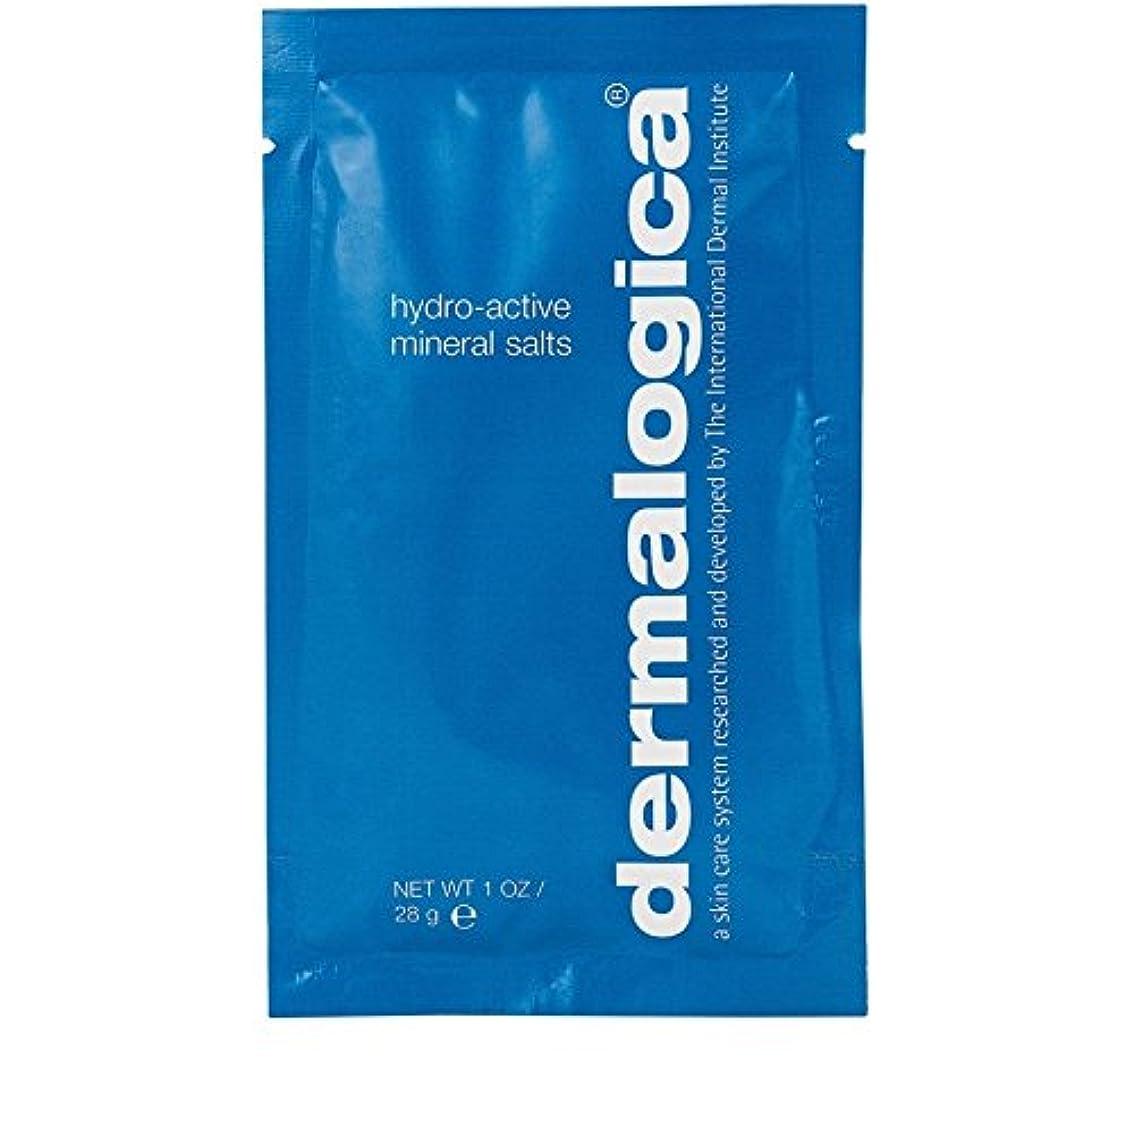 振動する領収書最少ダーマロジカ水力アクティブミネラル塩28グラム x4 - Dermalogica Hydro Active Mineral Salt 28g (Pack of 4) [並行輸入品]